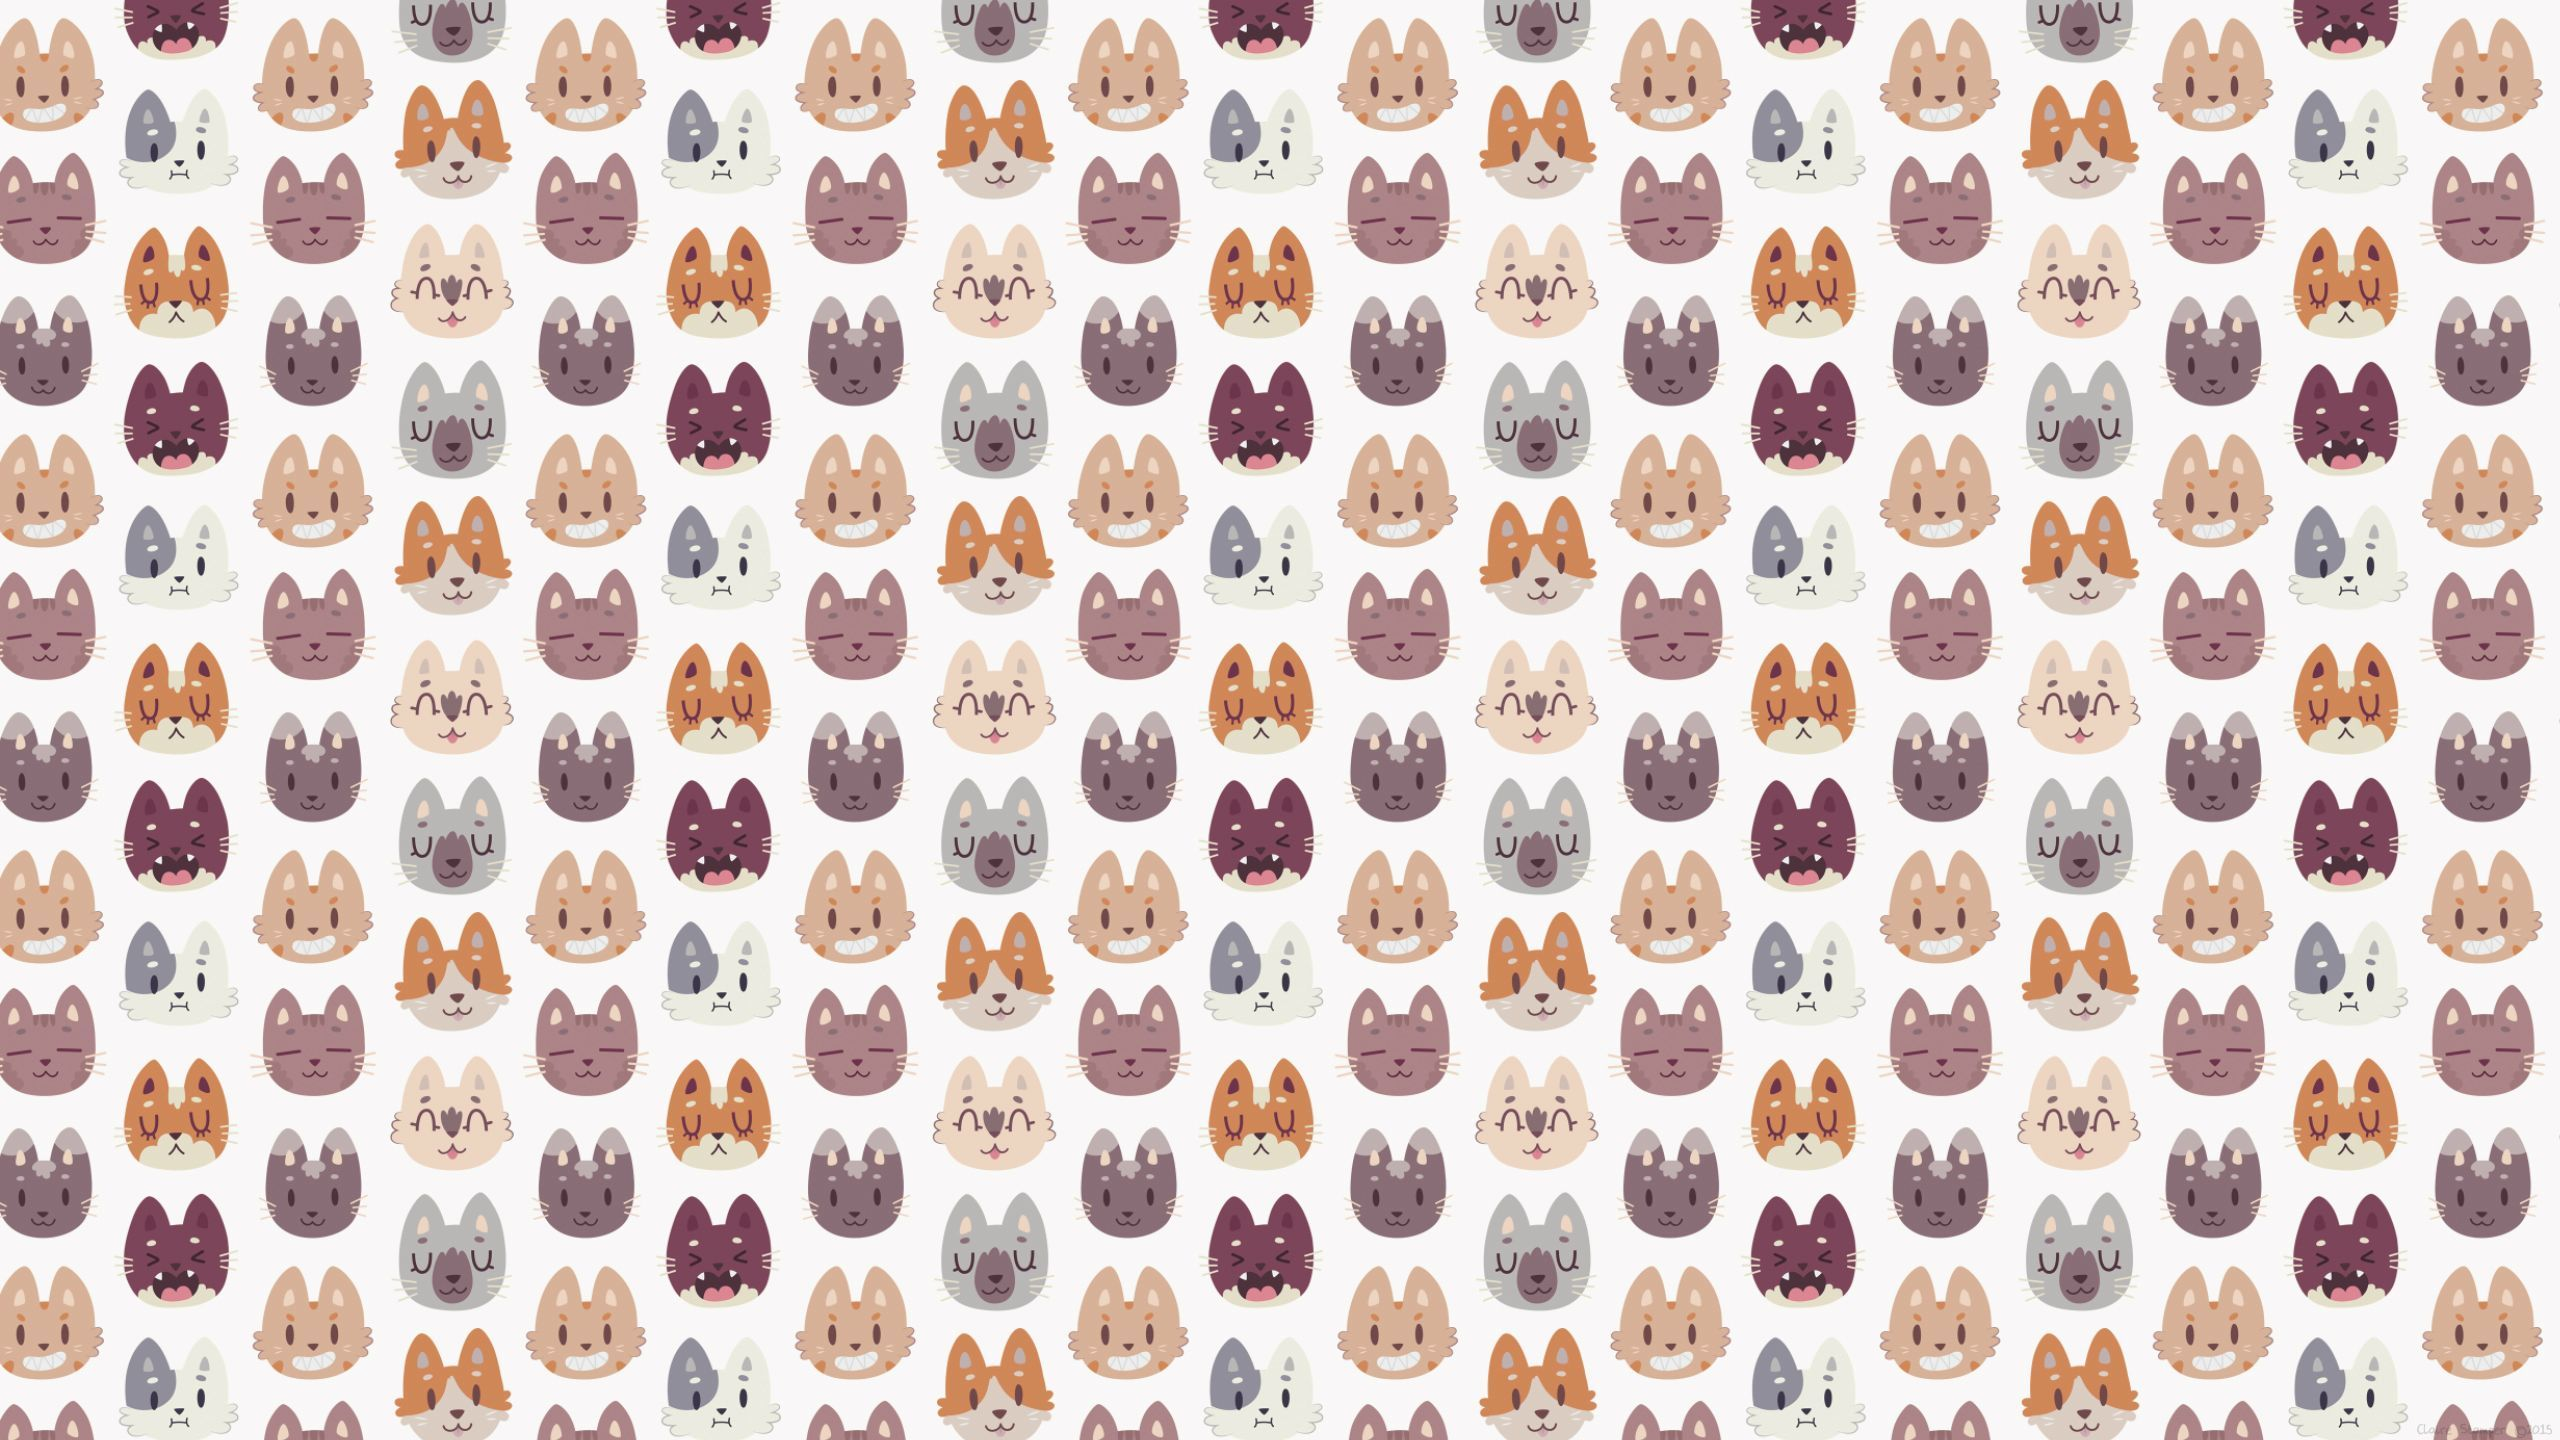 Wallpaper Animal Pattern